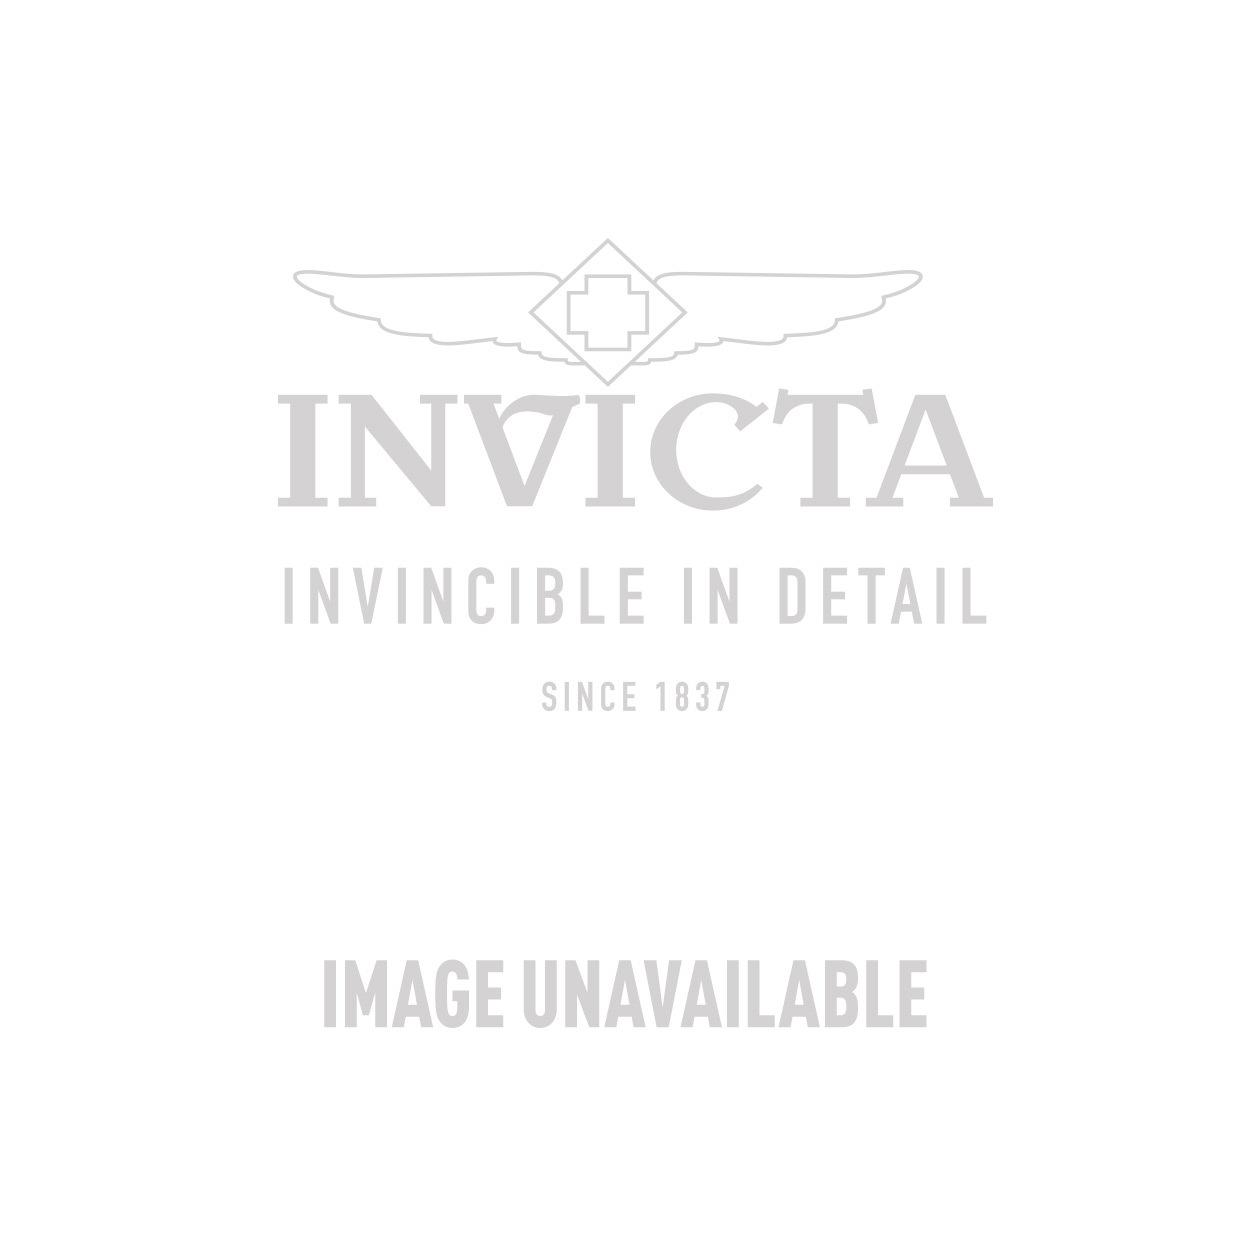 Invicta Model 24877